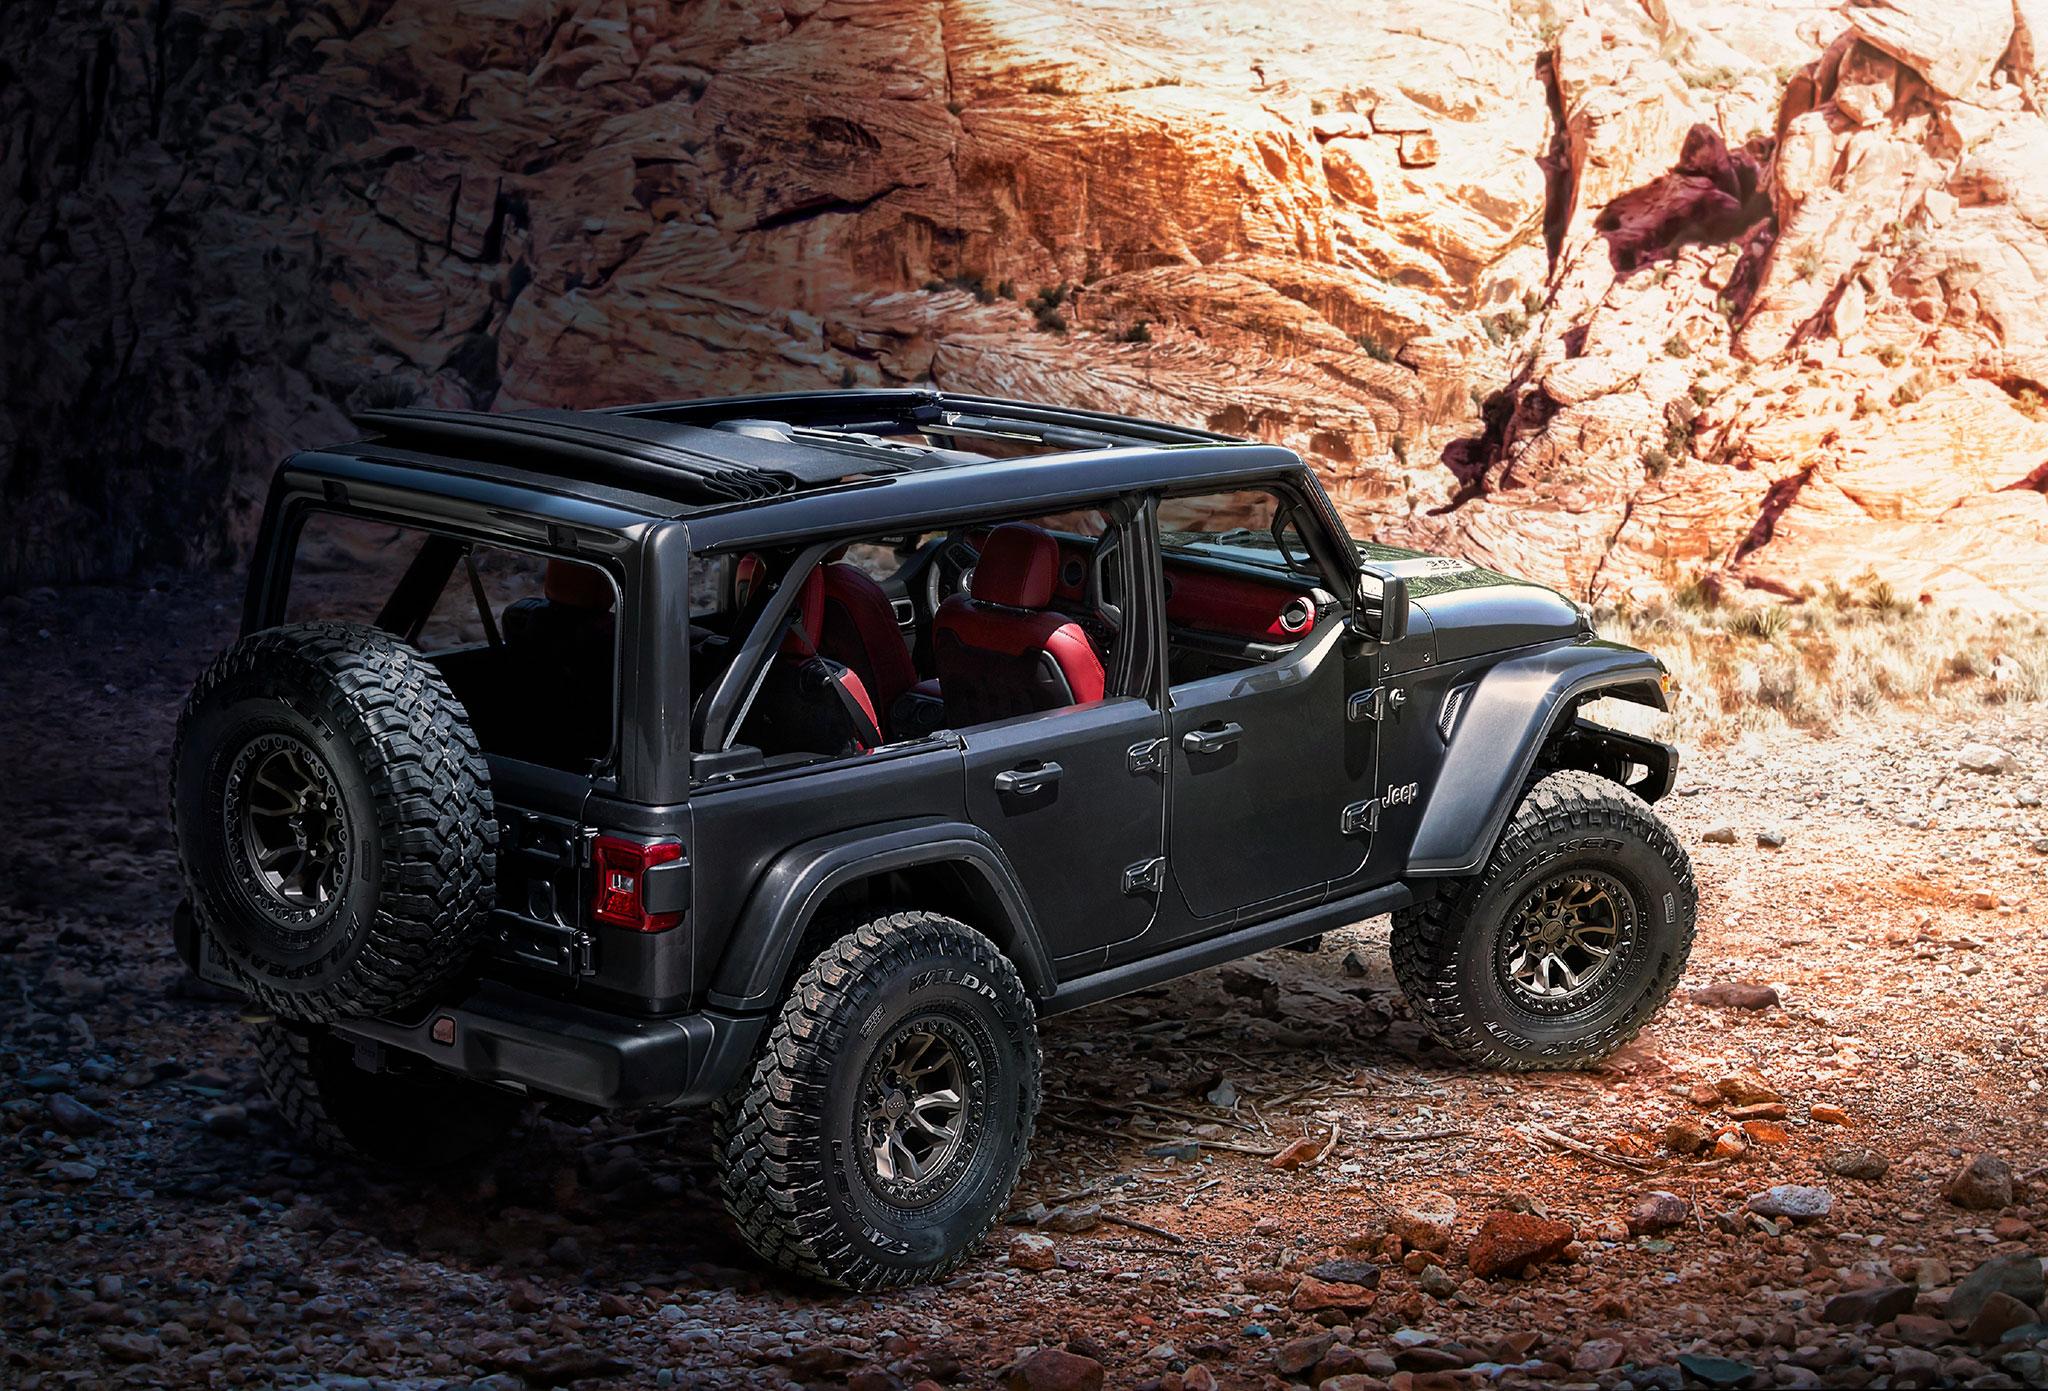 2020 Jeep Wrangler V8 6.4-Litre Rubicon 392 trois quarts arrière droit - Jeep et Moab 2020.